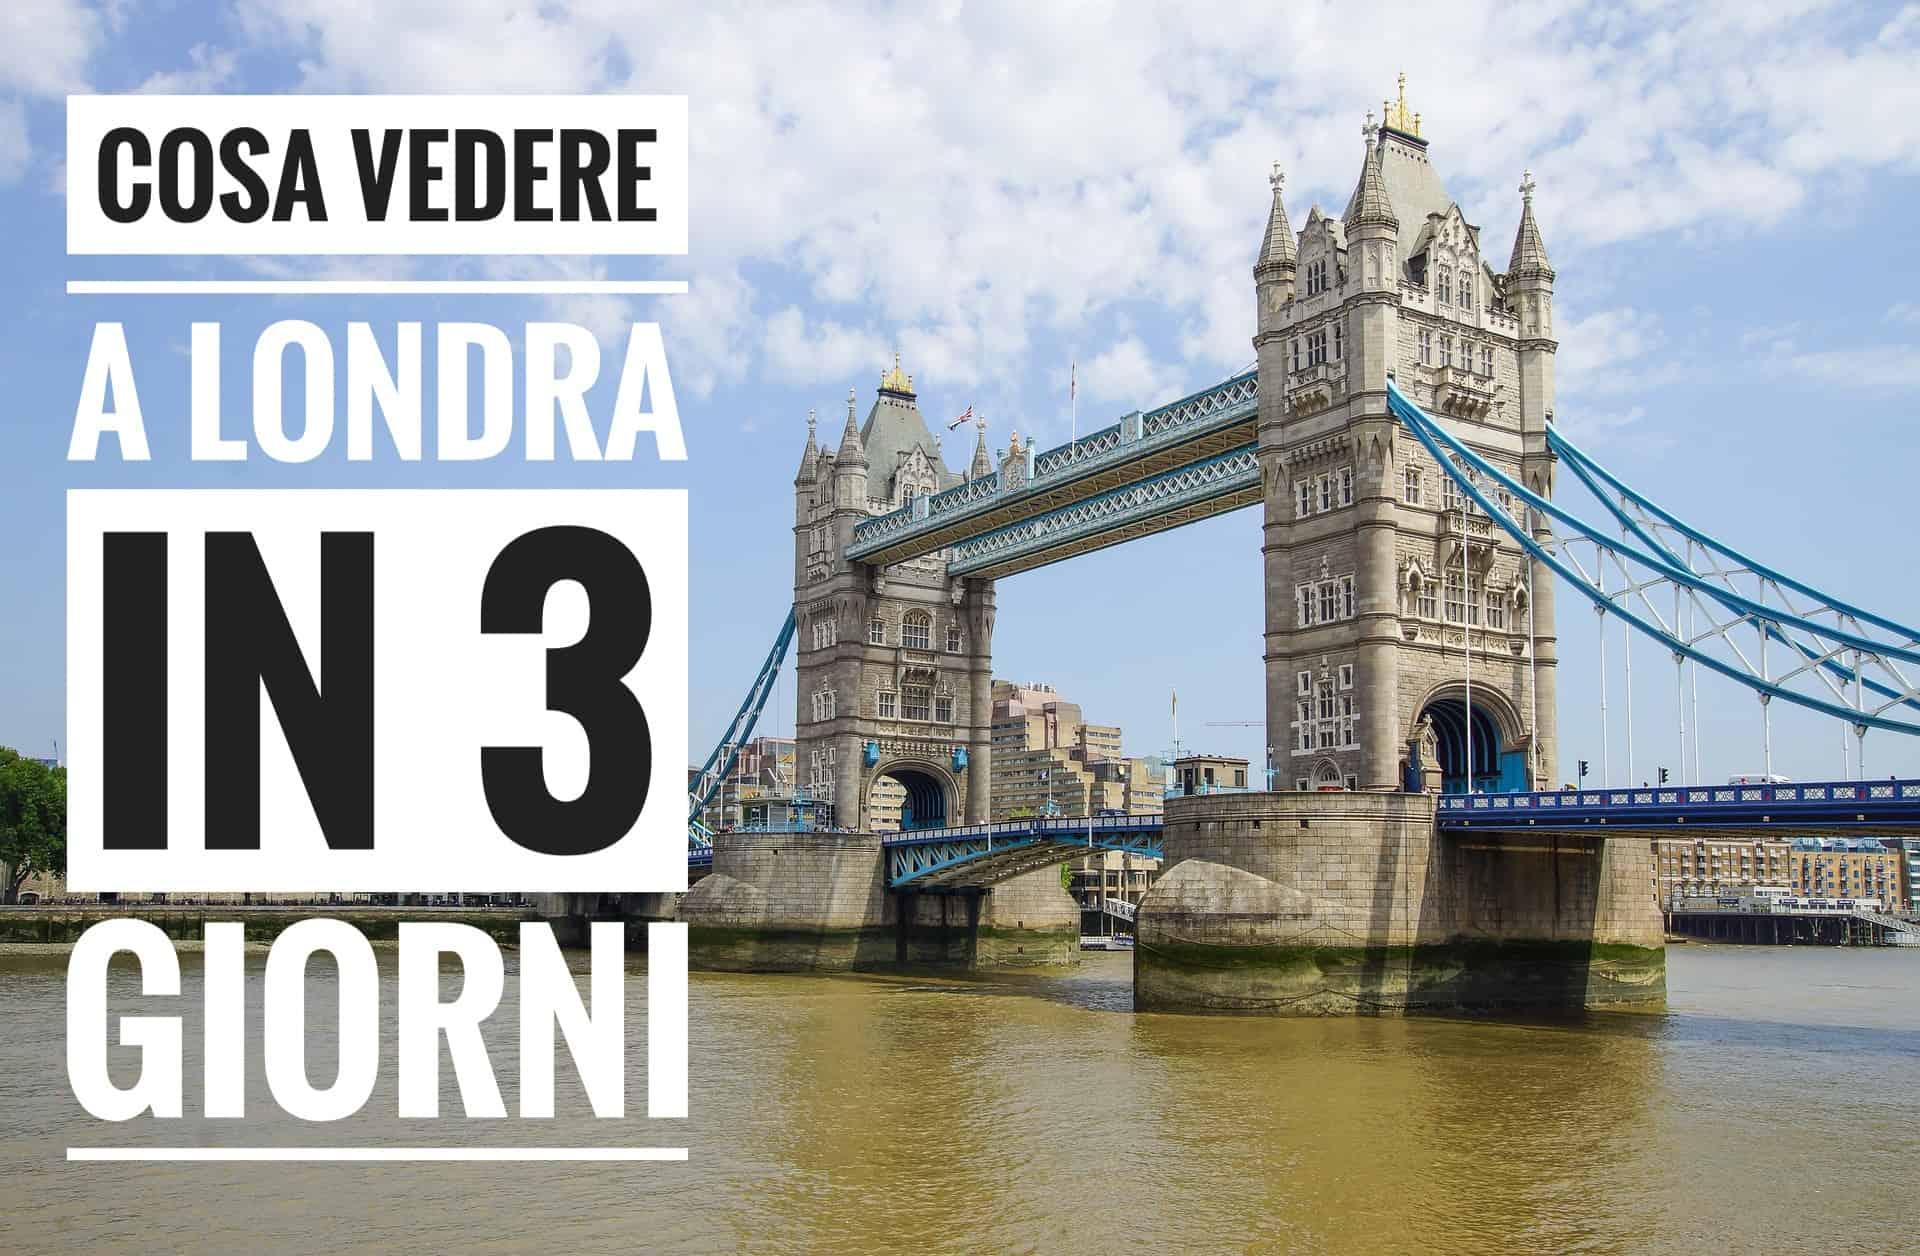 Cosa vedere a Londra in 3 giorni: itinerario e luoghi principali da visitare